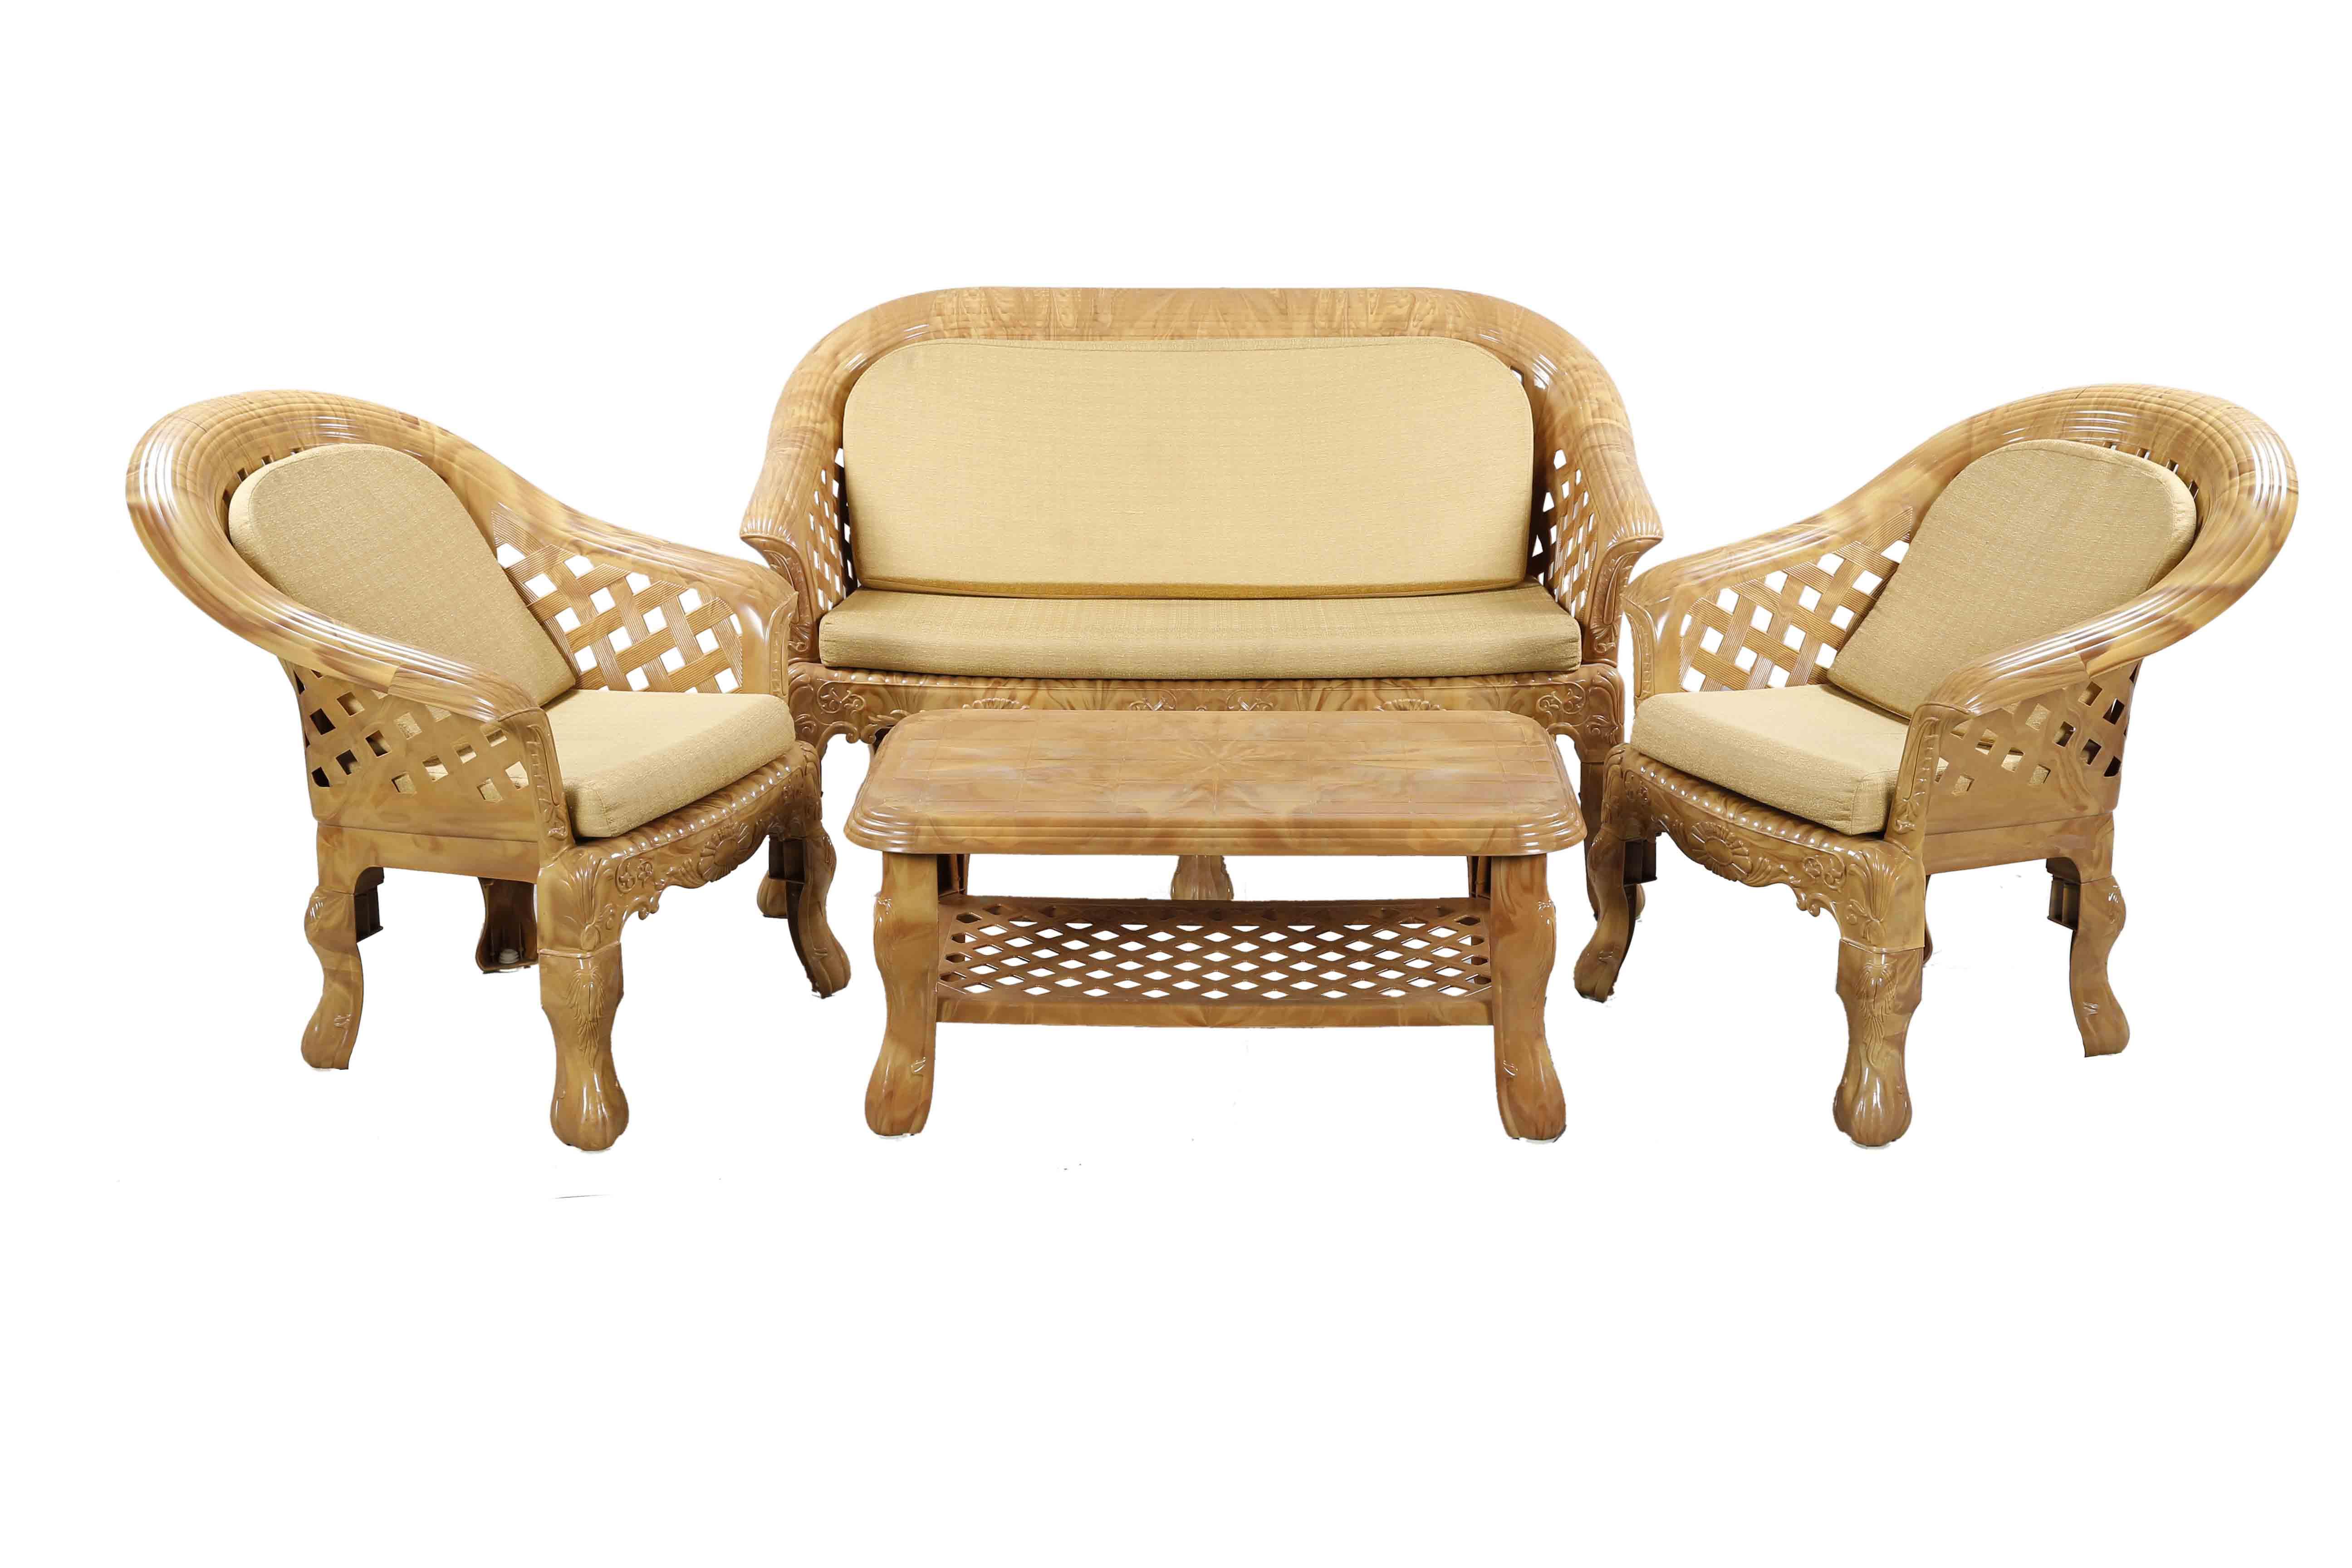 Sofa 4 Pcs Set with Foam -Sandal Wood